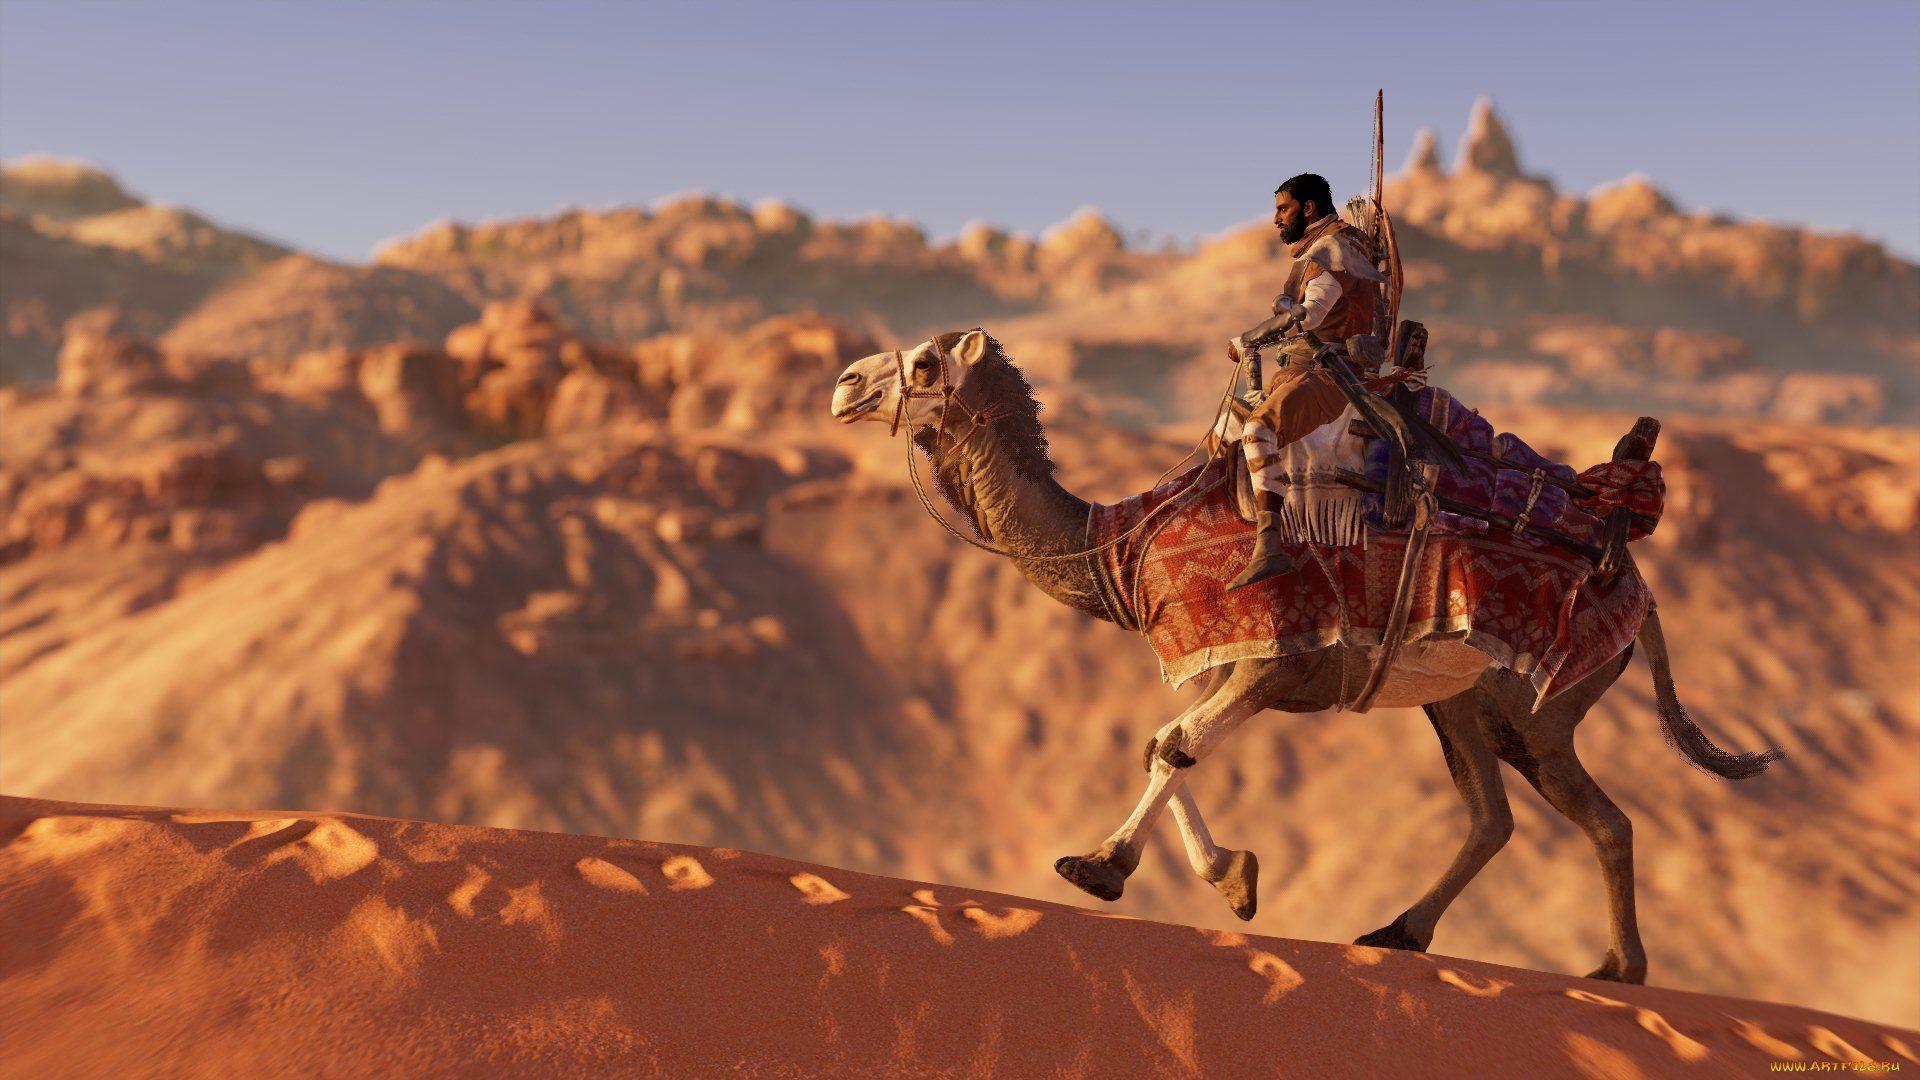 A Caravan Of Camels Wallpaper